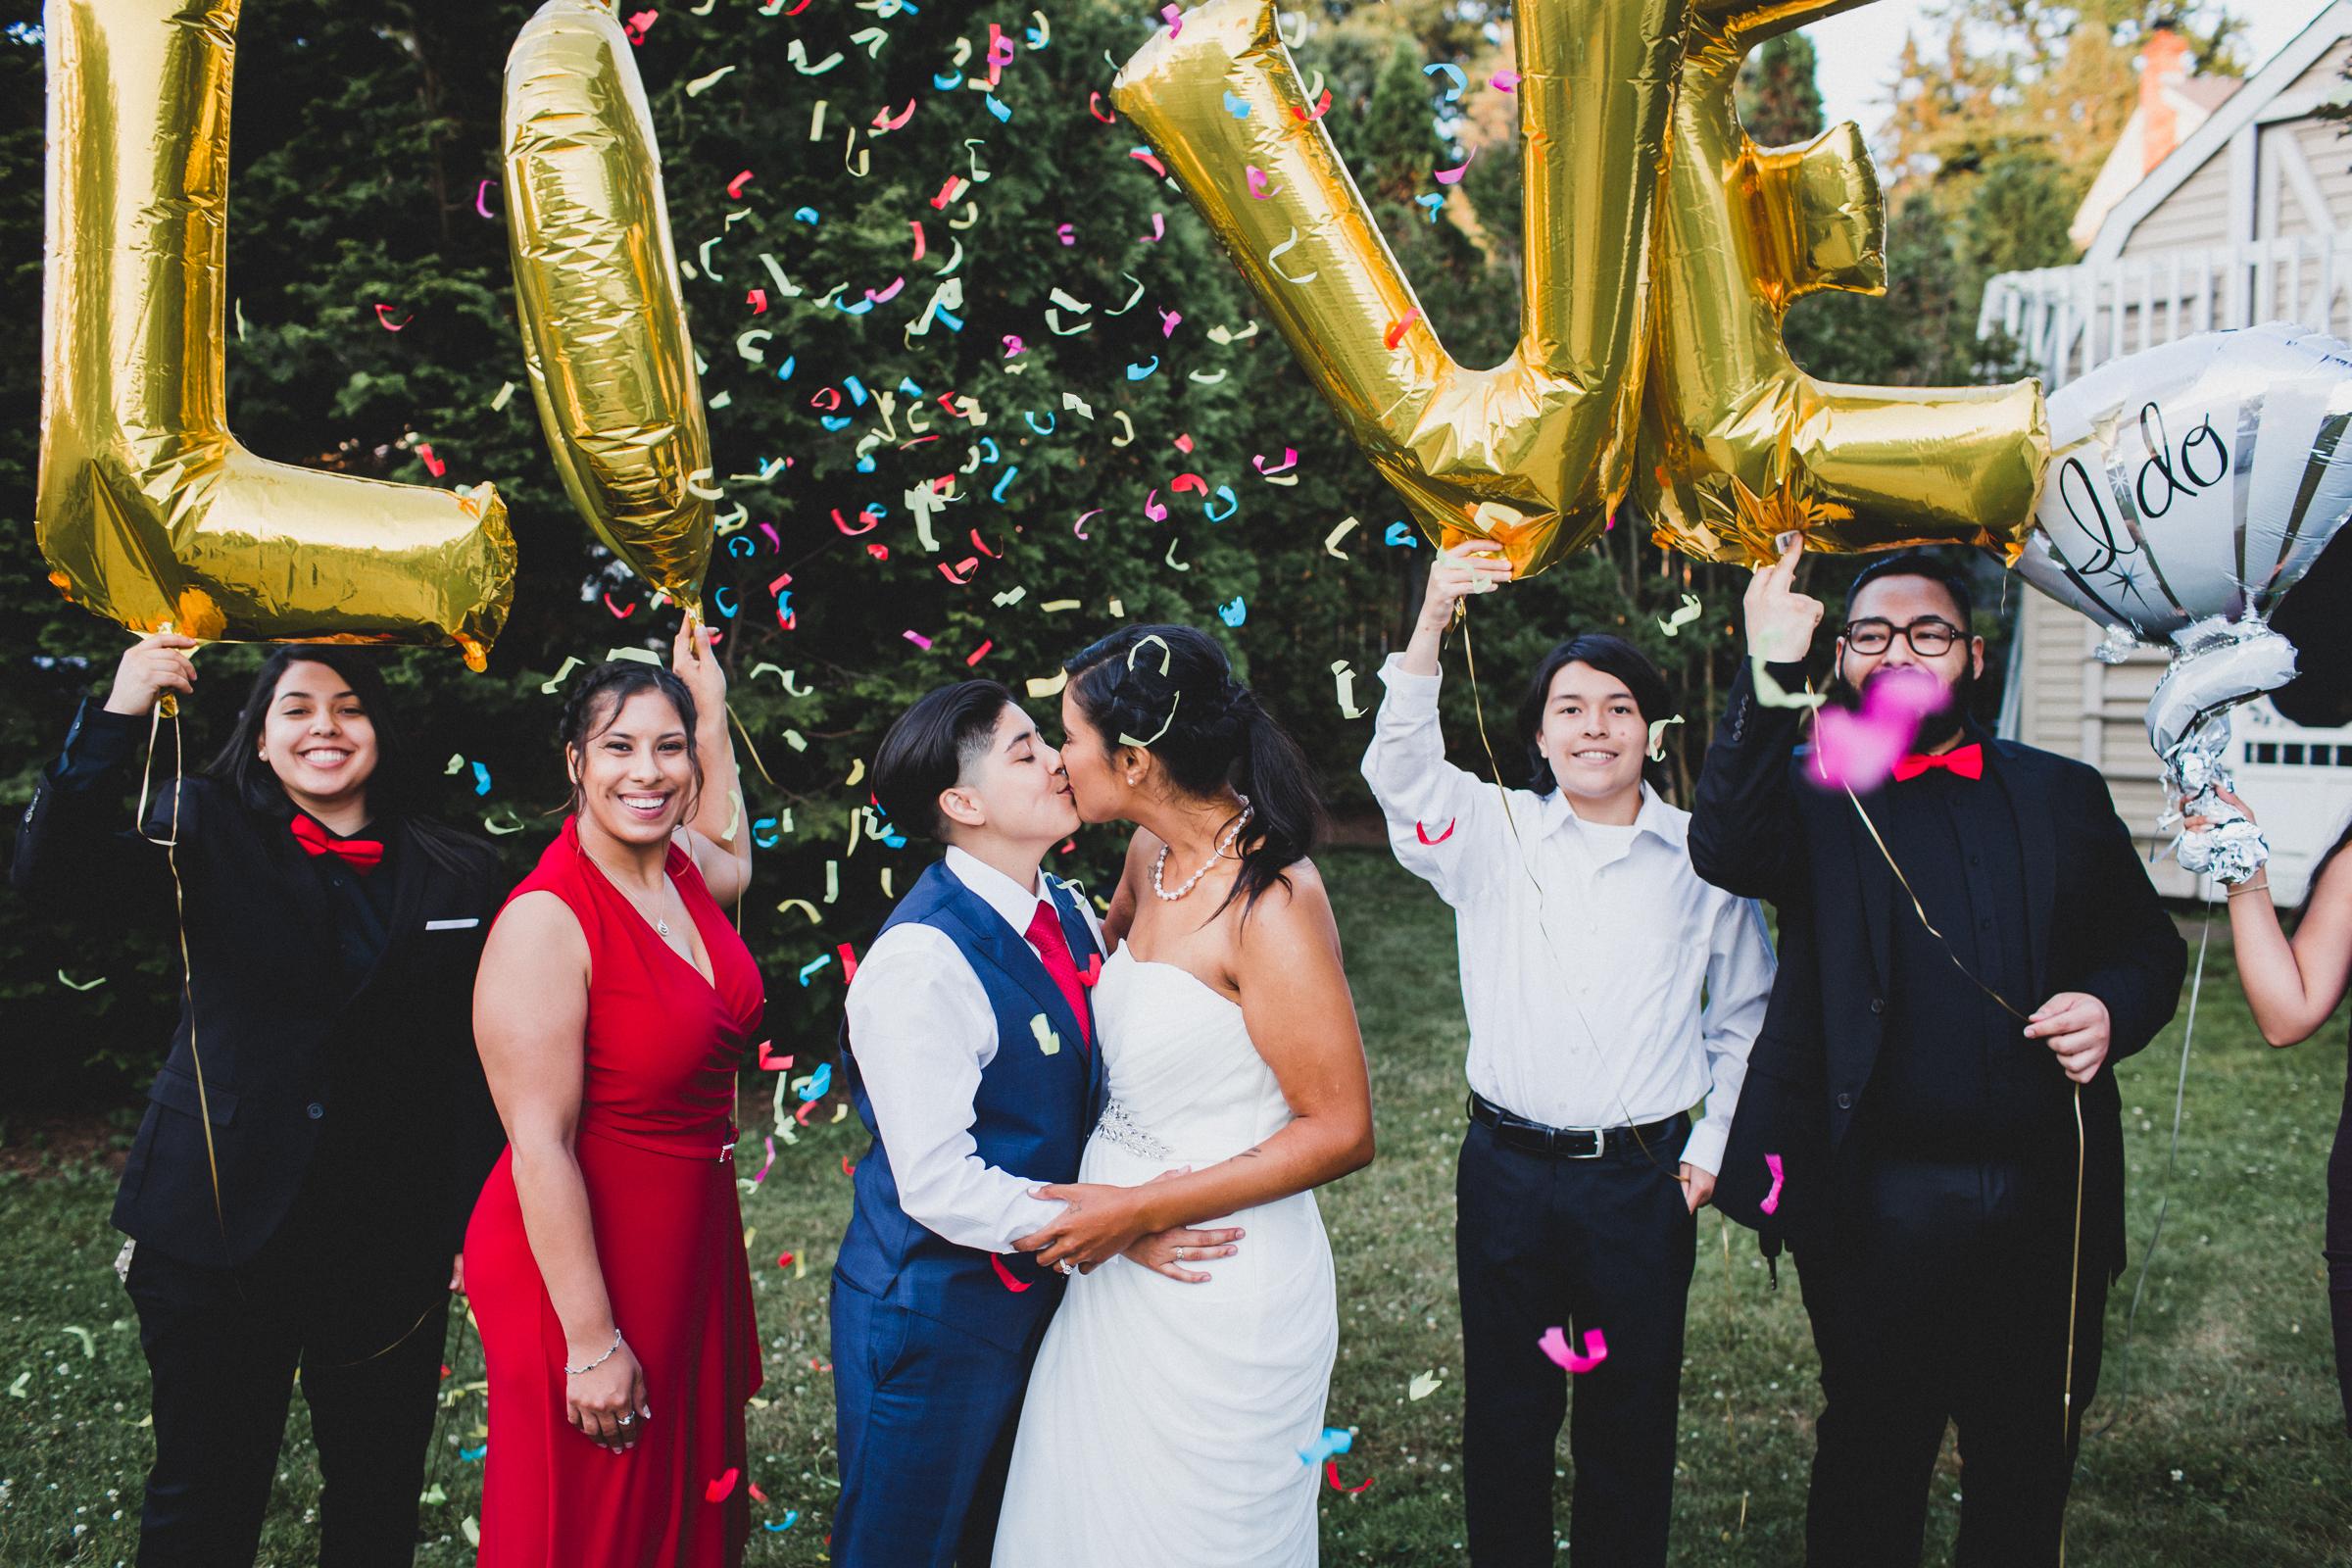 Long-Island-Documentary-Wedding-Photographer-Avalon-Park-Wedding-Photos-54.jpg